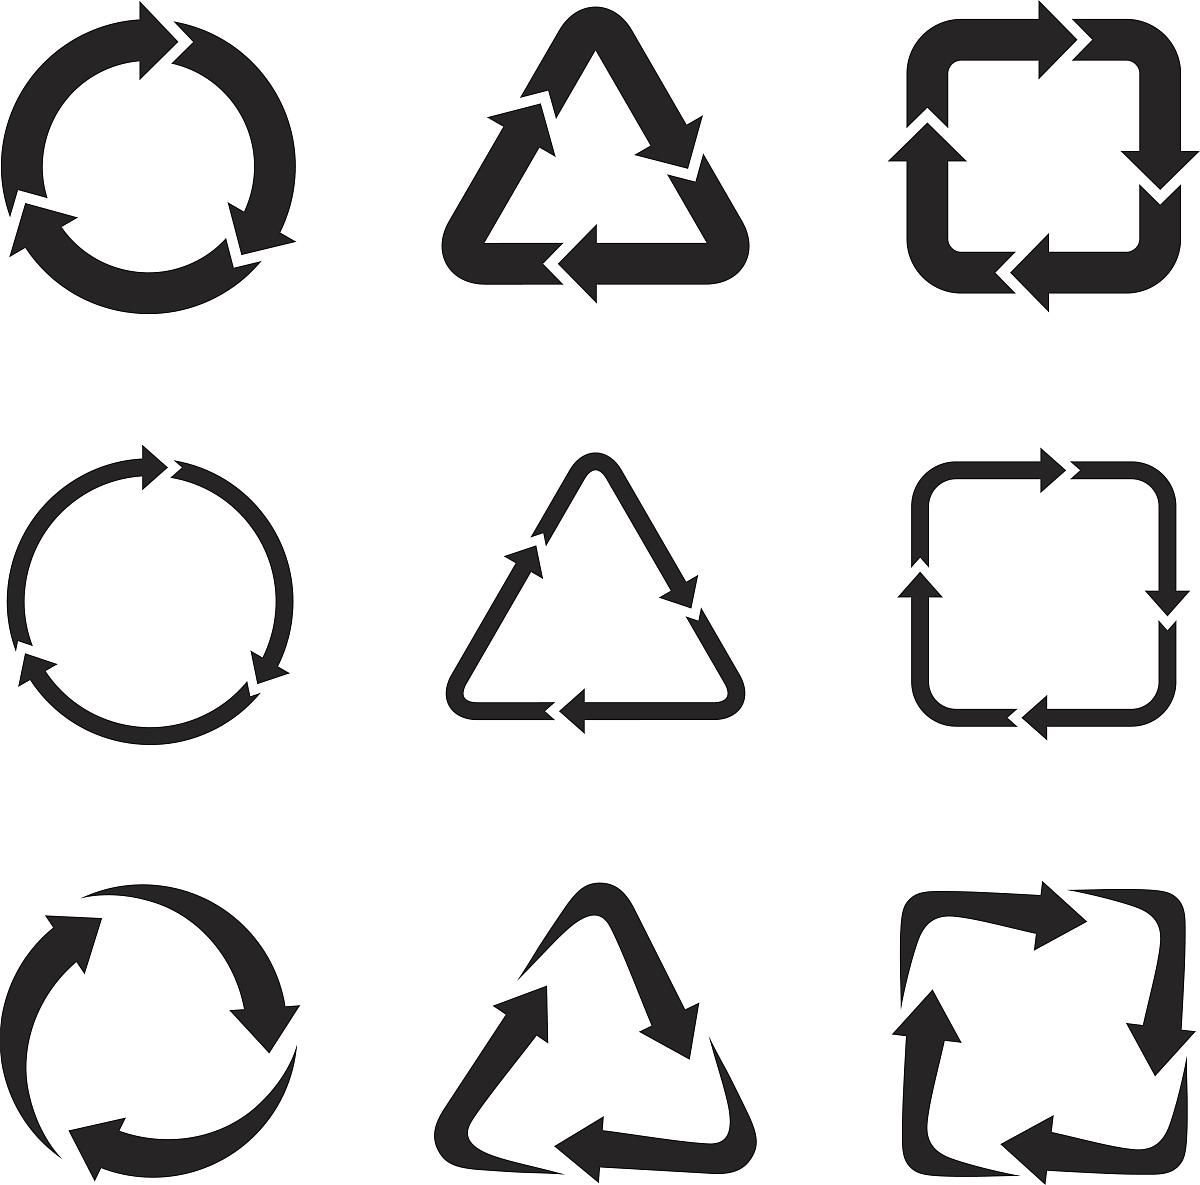 流水,图标,绘画插图,圆形,方向,循环利用,自然,运动模糊,指导,三角形图片